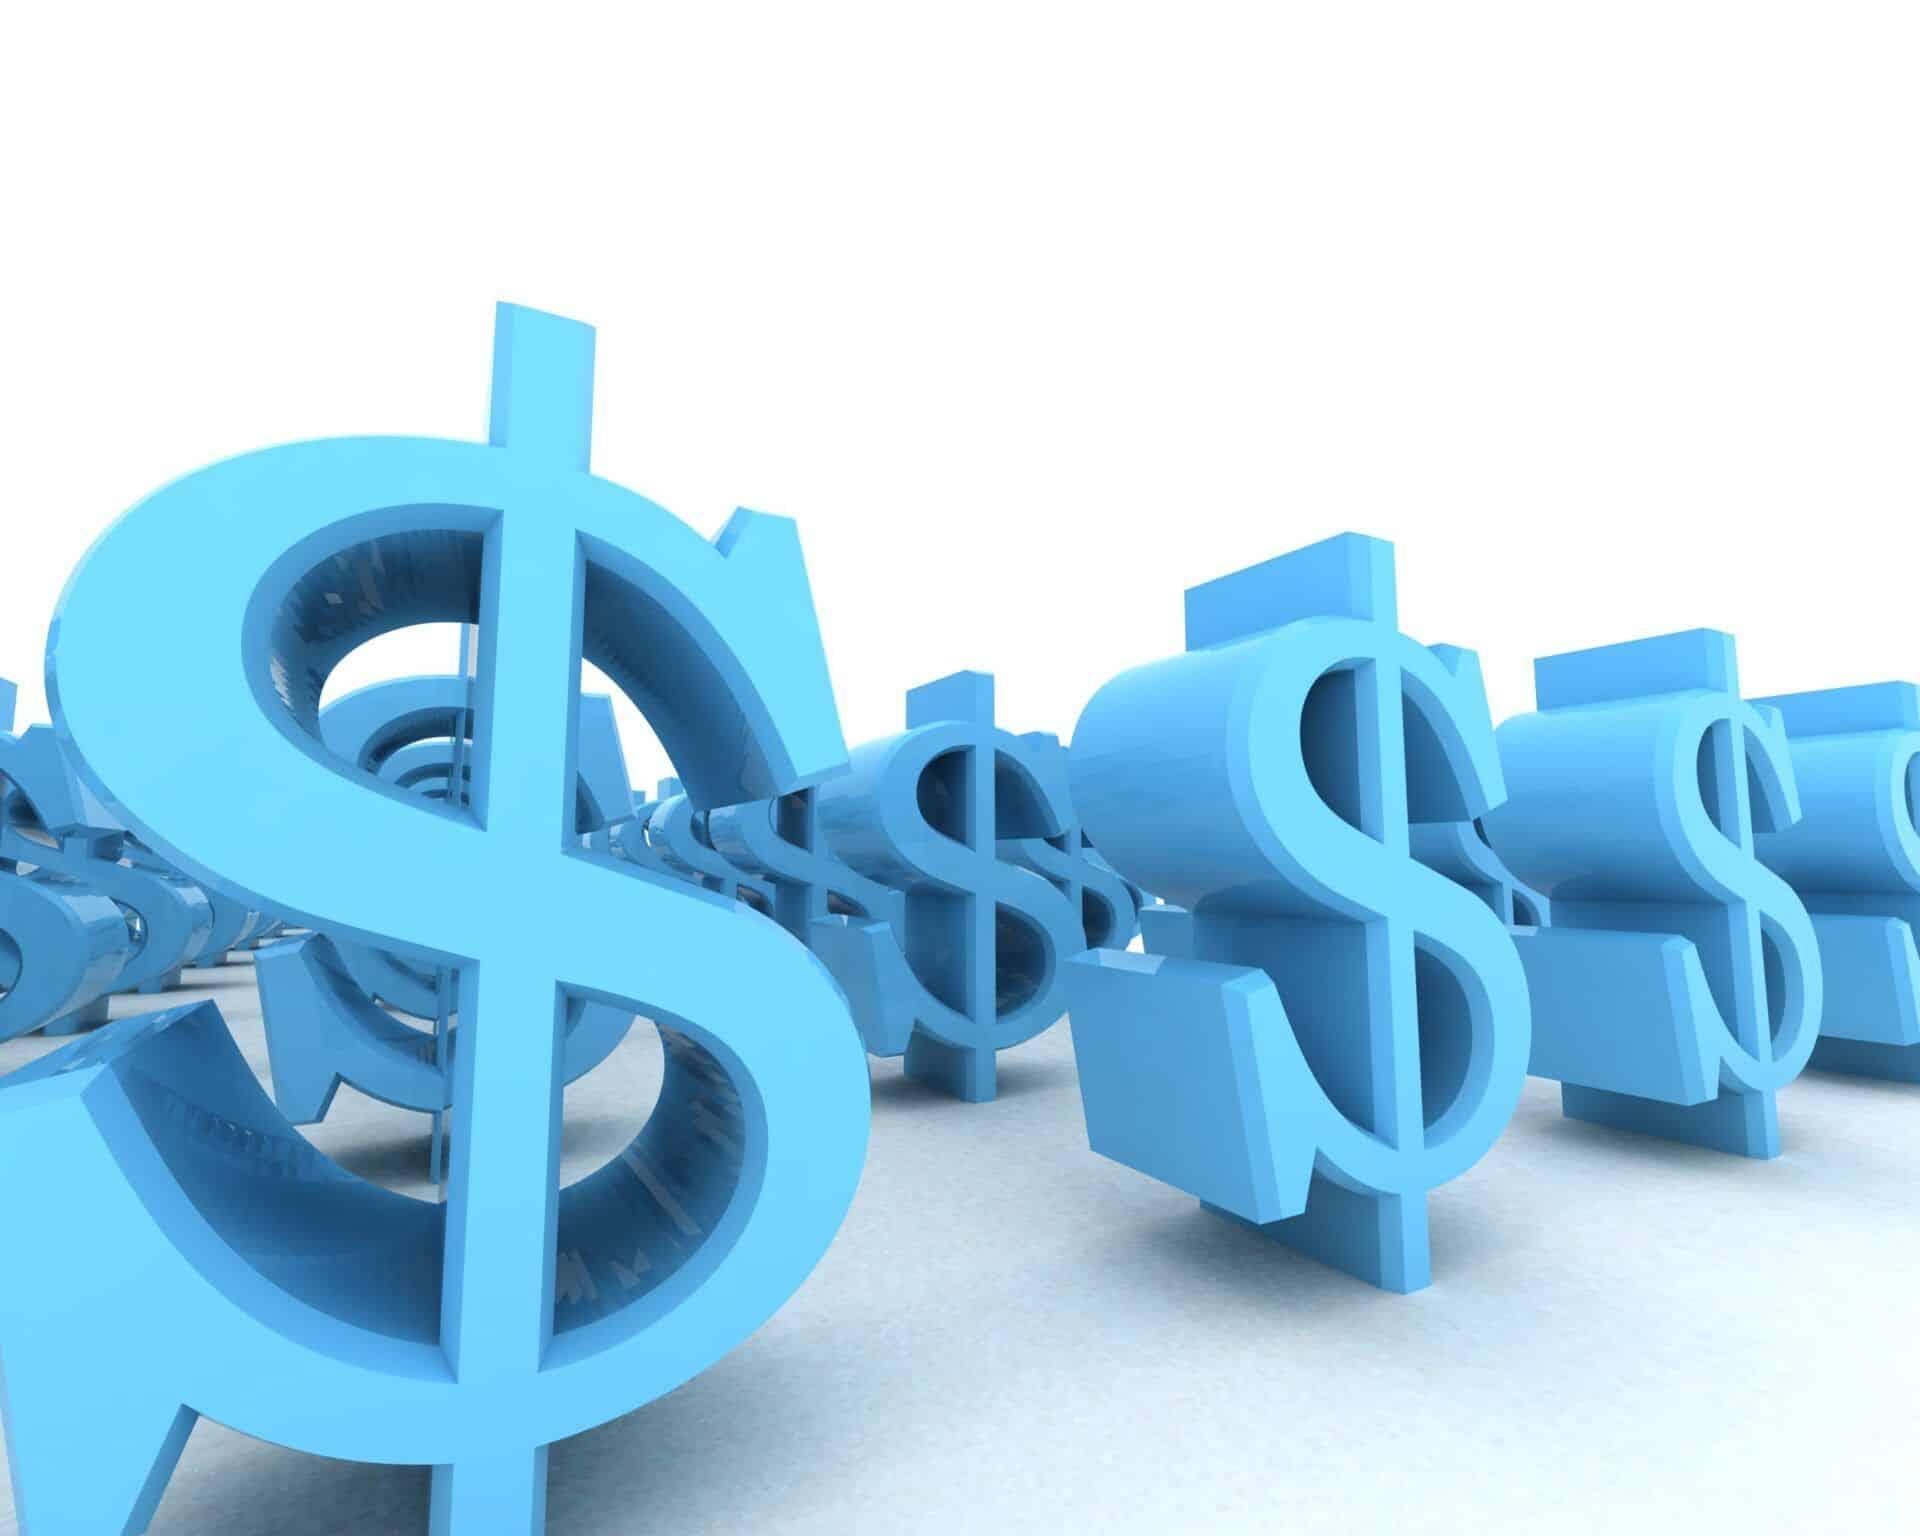 Ganhar mais dinheiro com seu blog: os 4 passos necessários